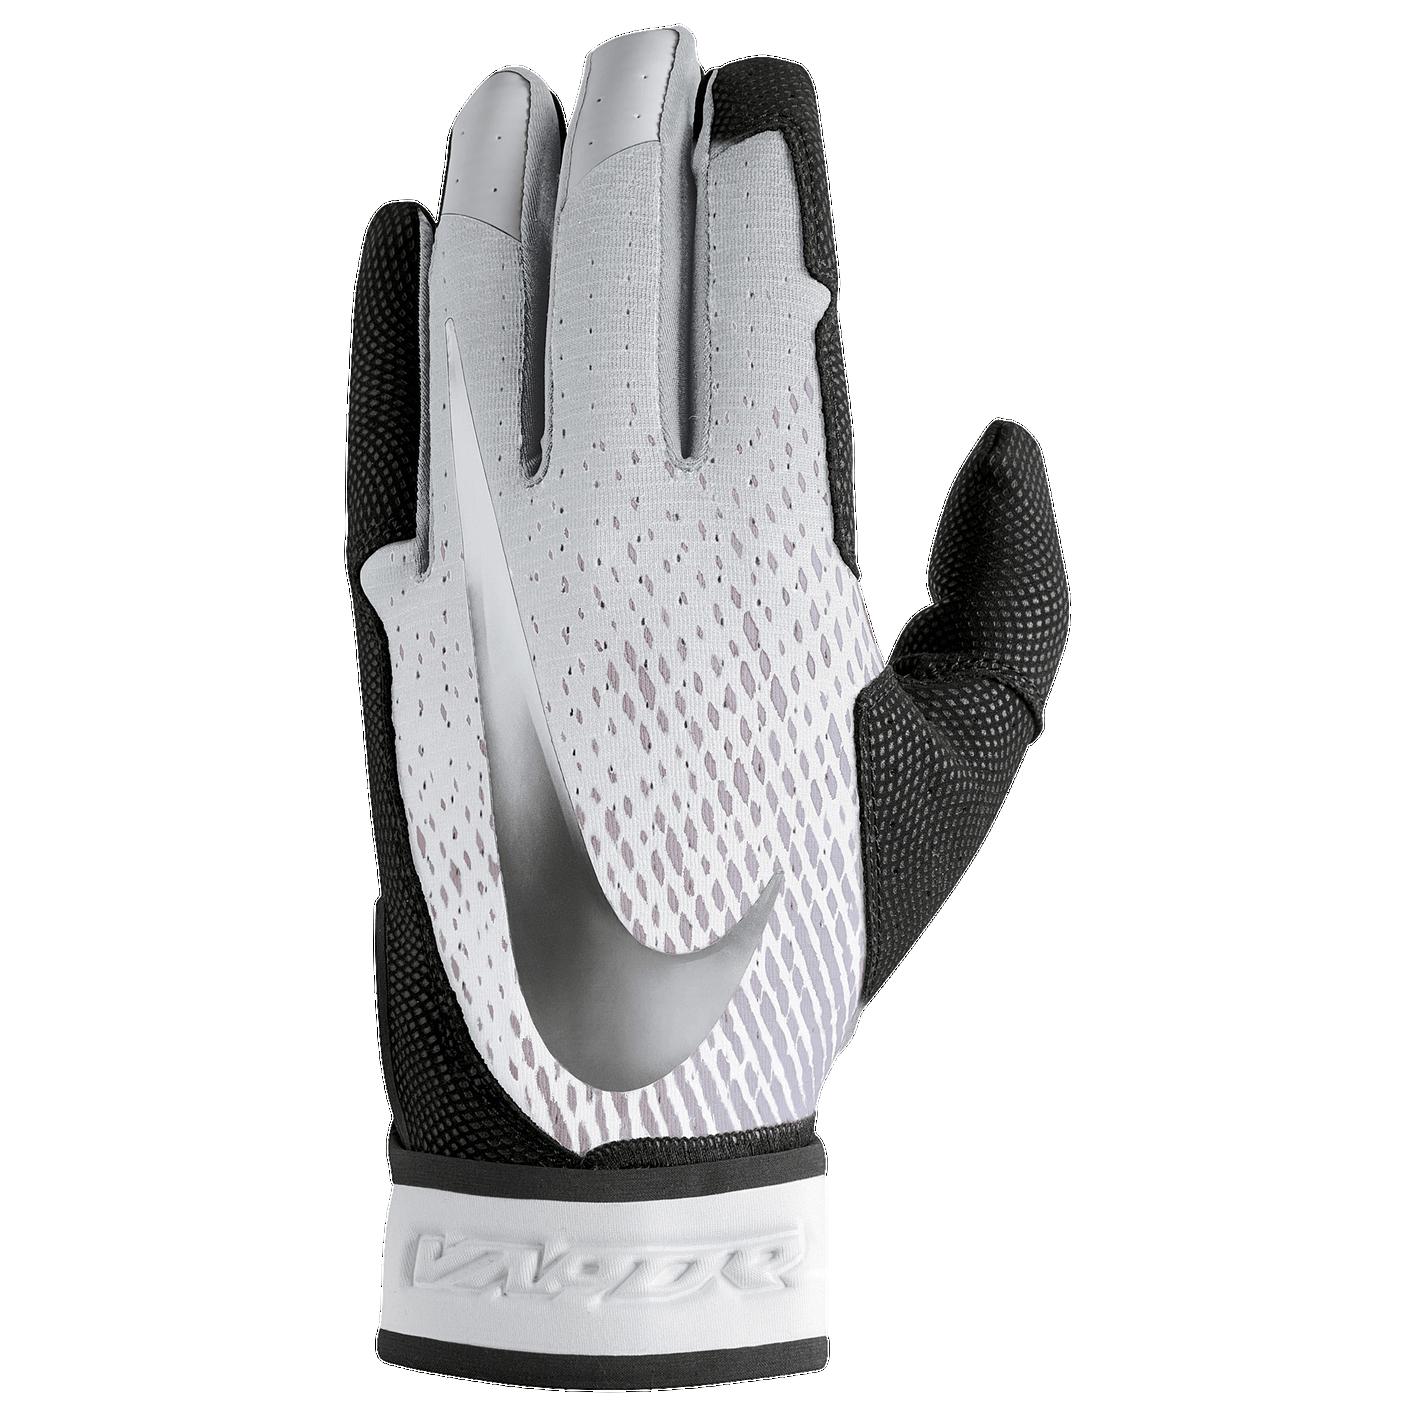 Nike Vapor Elite Batting Gloves Men S Baseball Sport Equipment 9c67203ad64f7